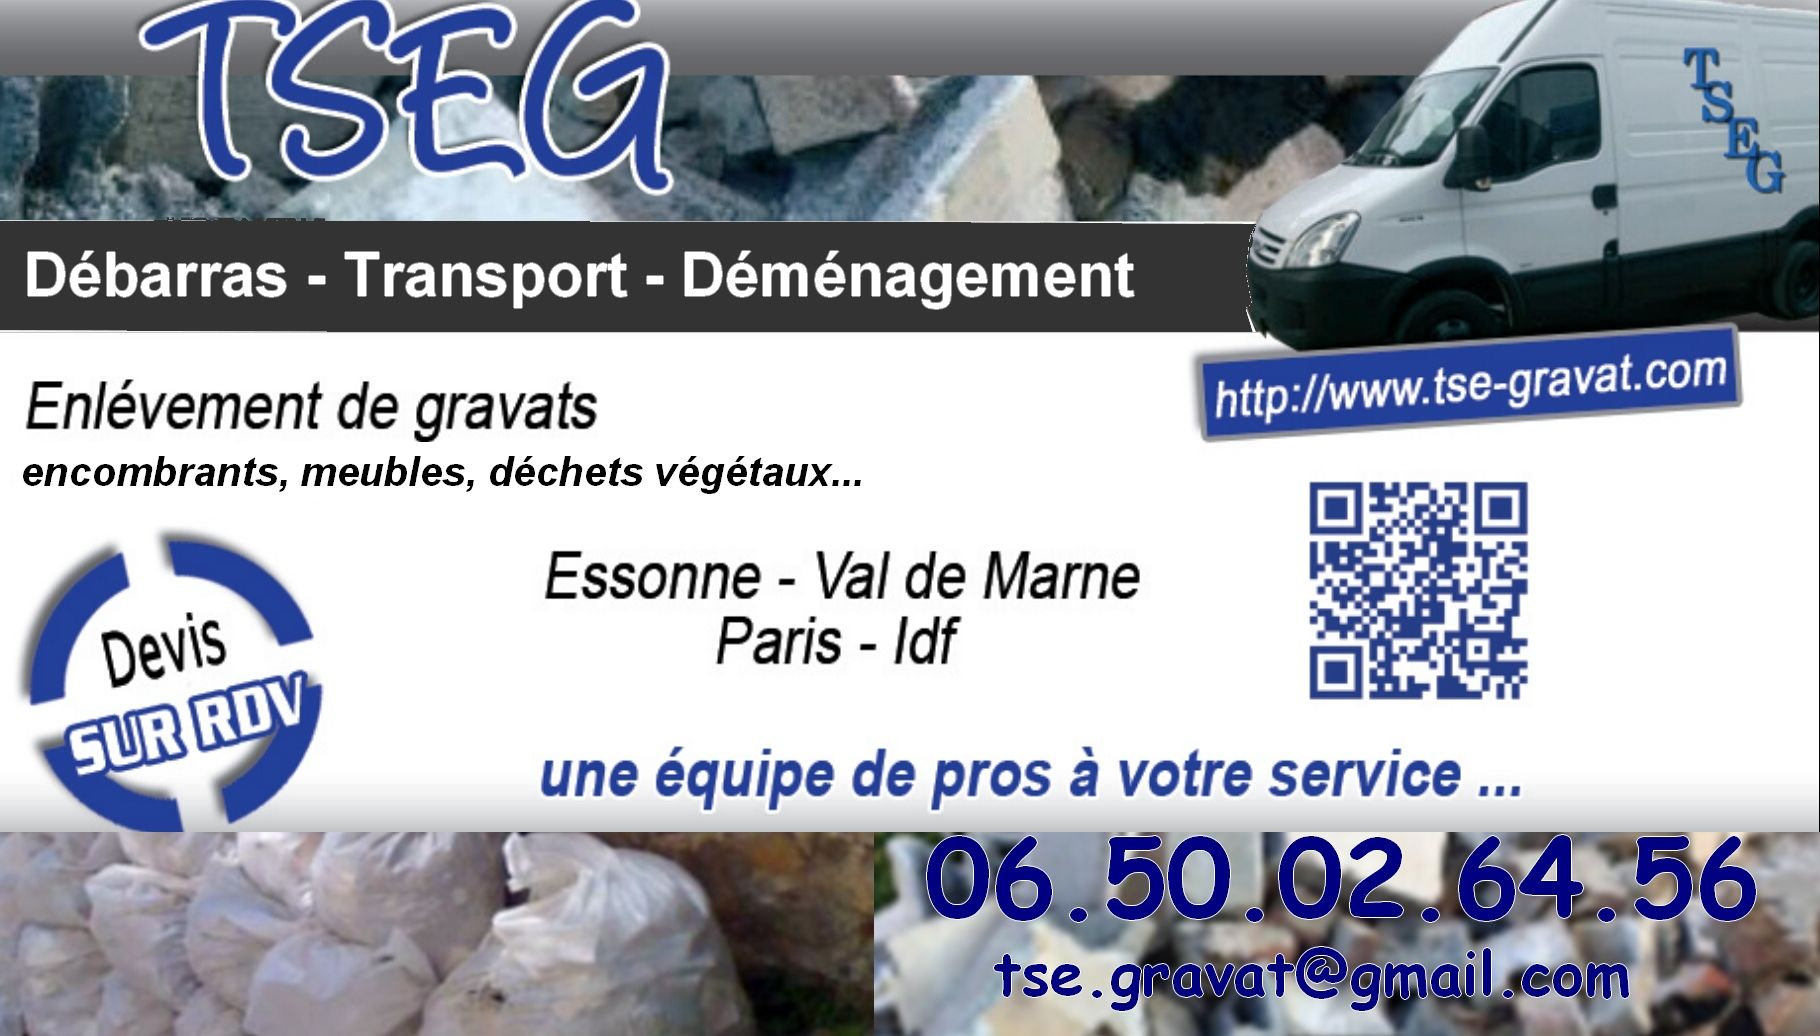 Epingle Par Debarras Tse Gravat Sur Logo Tse Gravat Transport Demenagement Enlevement